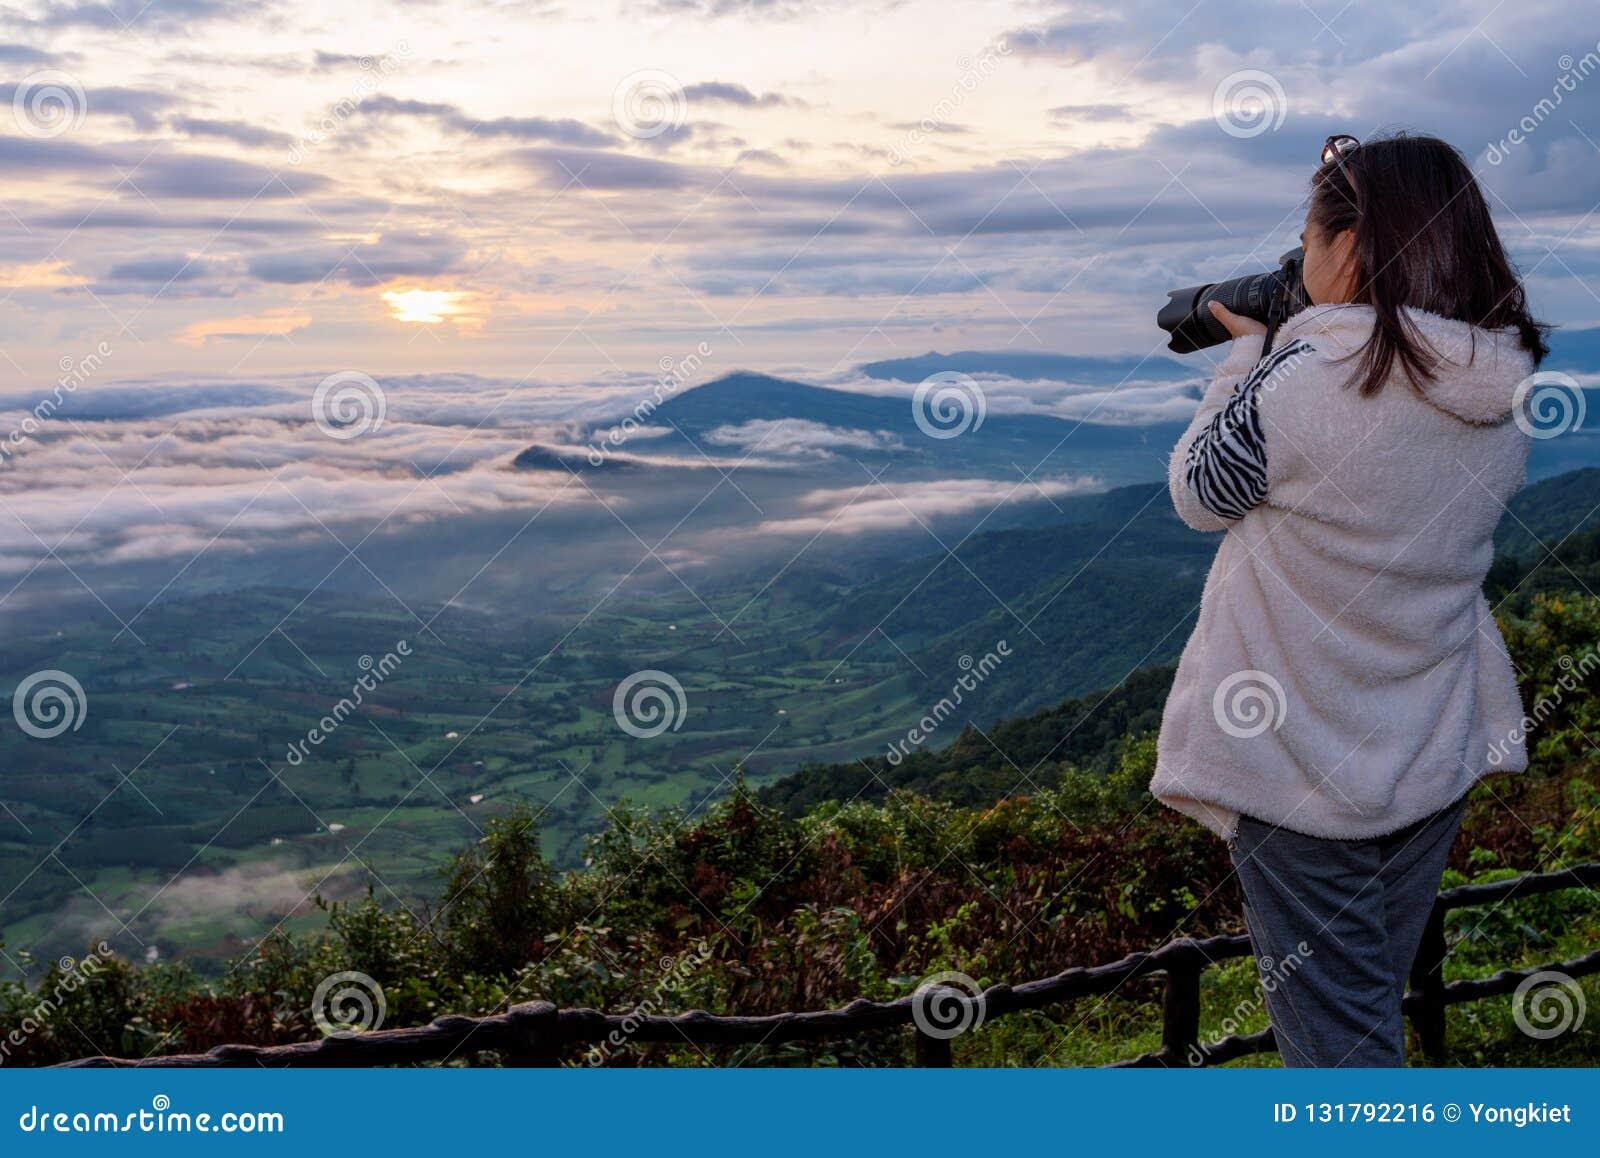 Kvinnaturisten använder en DSLR-kamera som fotograferar naturlandskap soldimmaberget i vintern under soluppgång på höjdpunkt